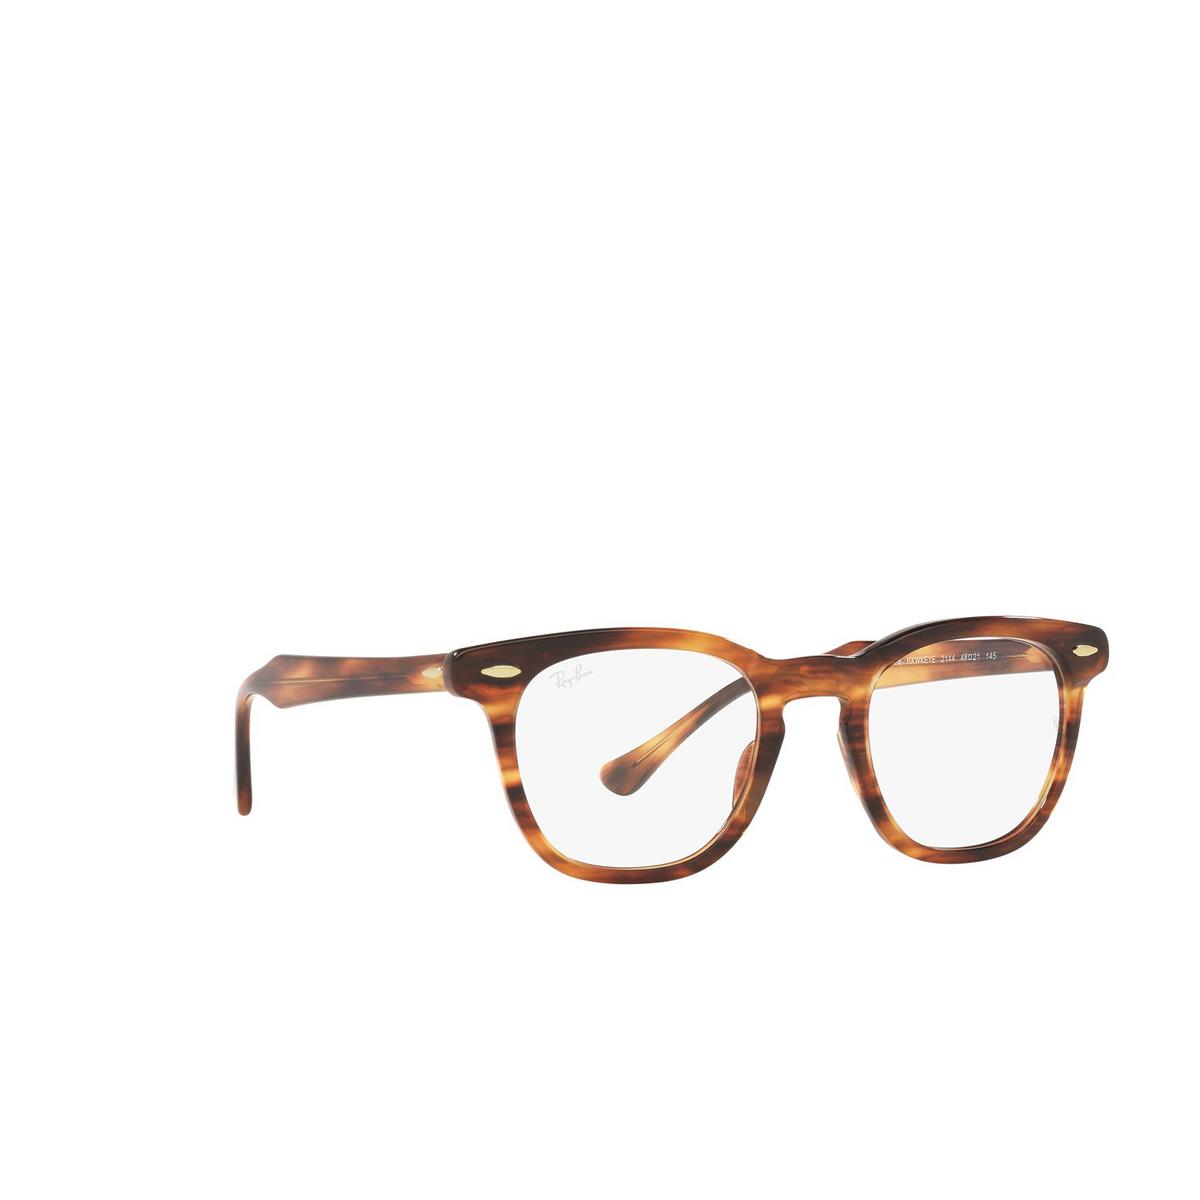 Ray-Ban® Square Eyeglasses: Hawkeye RX5398 color Striped Havana 2144 - three-quarters view.